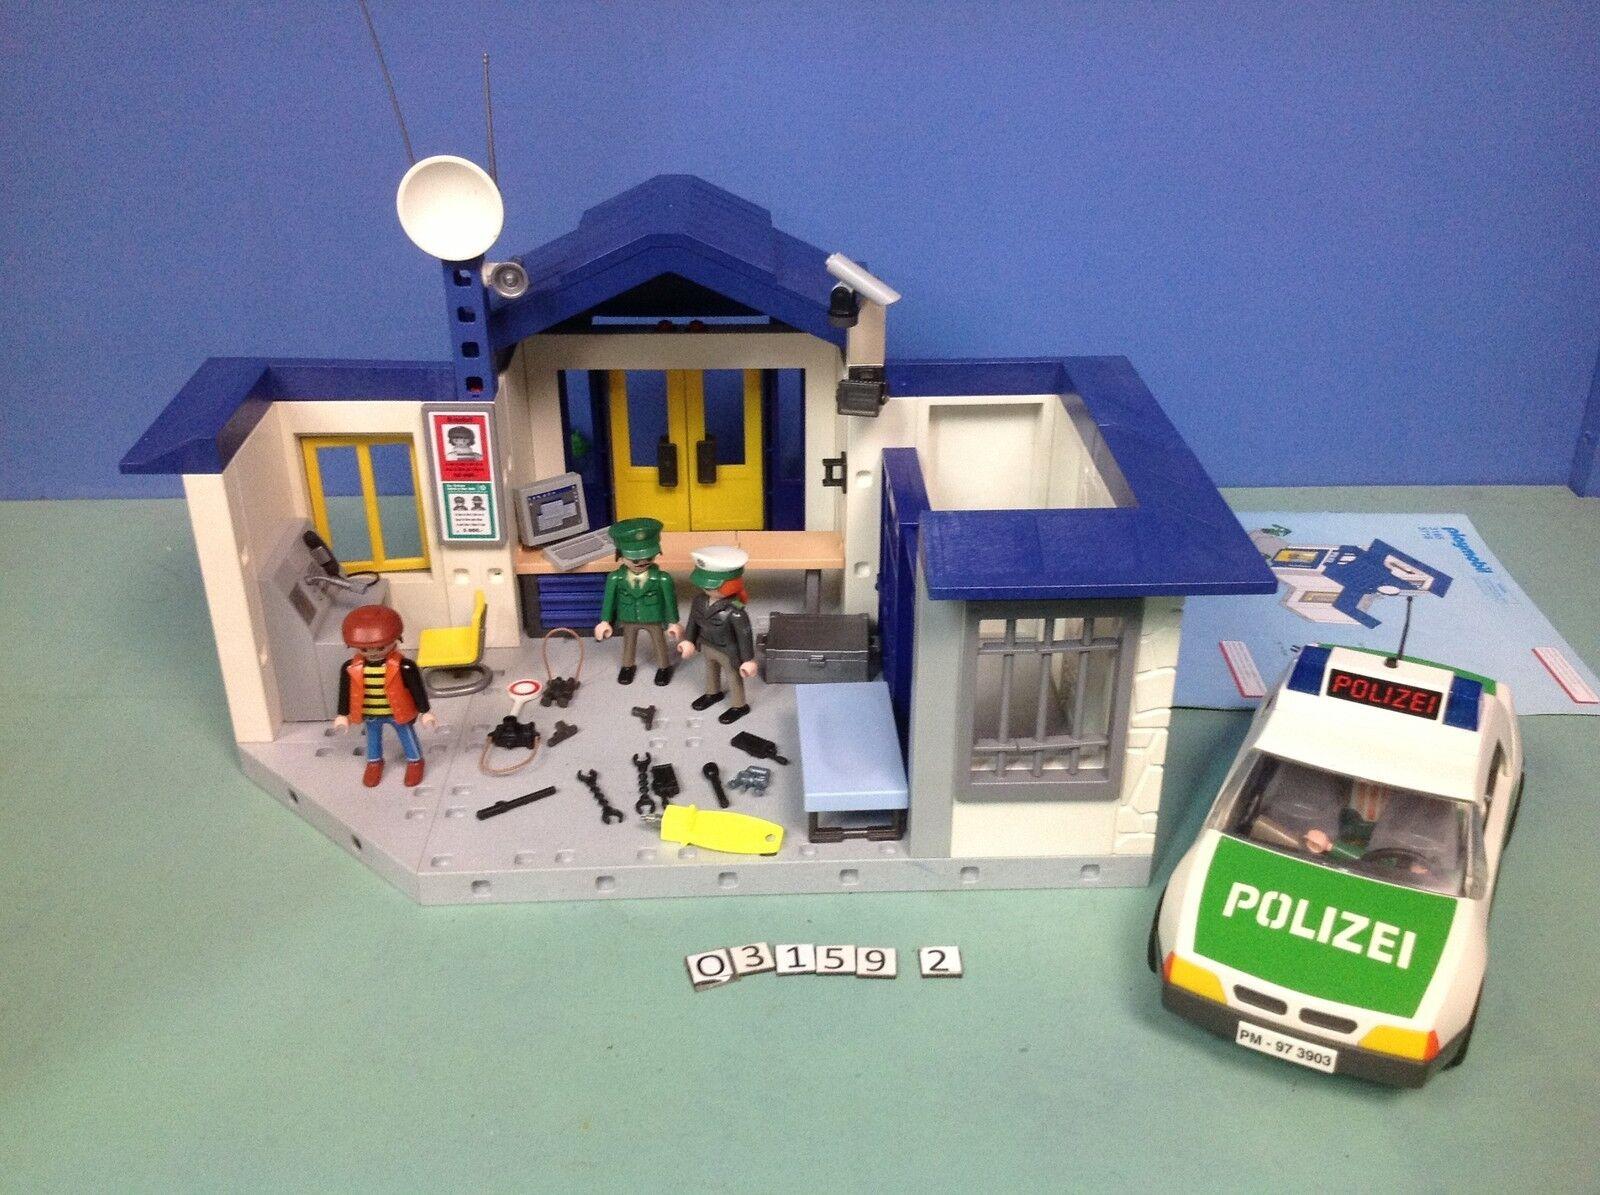 (O3159.2) (O3159.2) (O3159.2) playmobil caserne police  voiture ref 3159 3903 ab431e